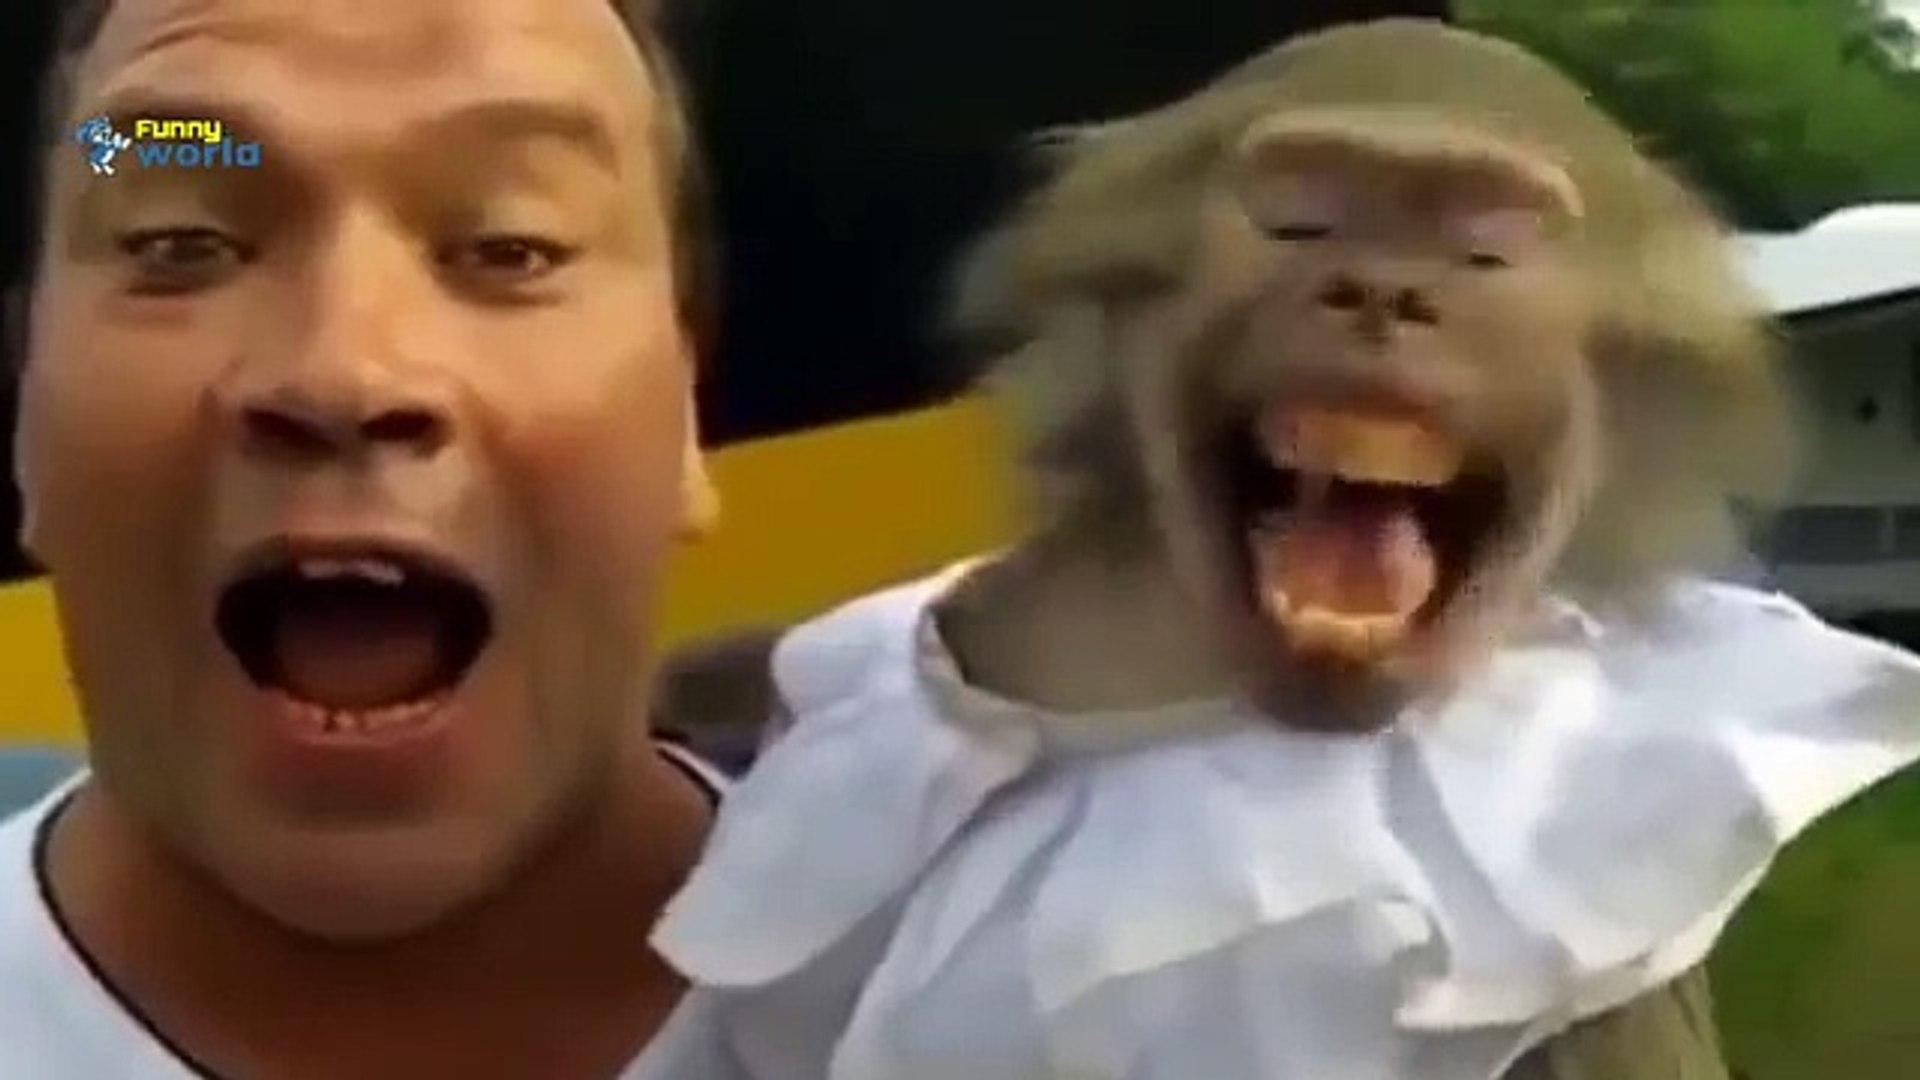 Забавни Клипове 2015 - Смешни Животни Правят Смешно Звучи Компилация